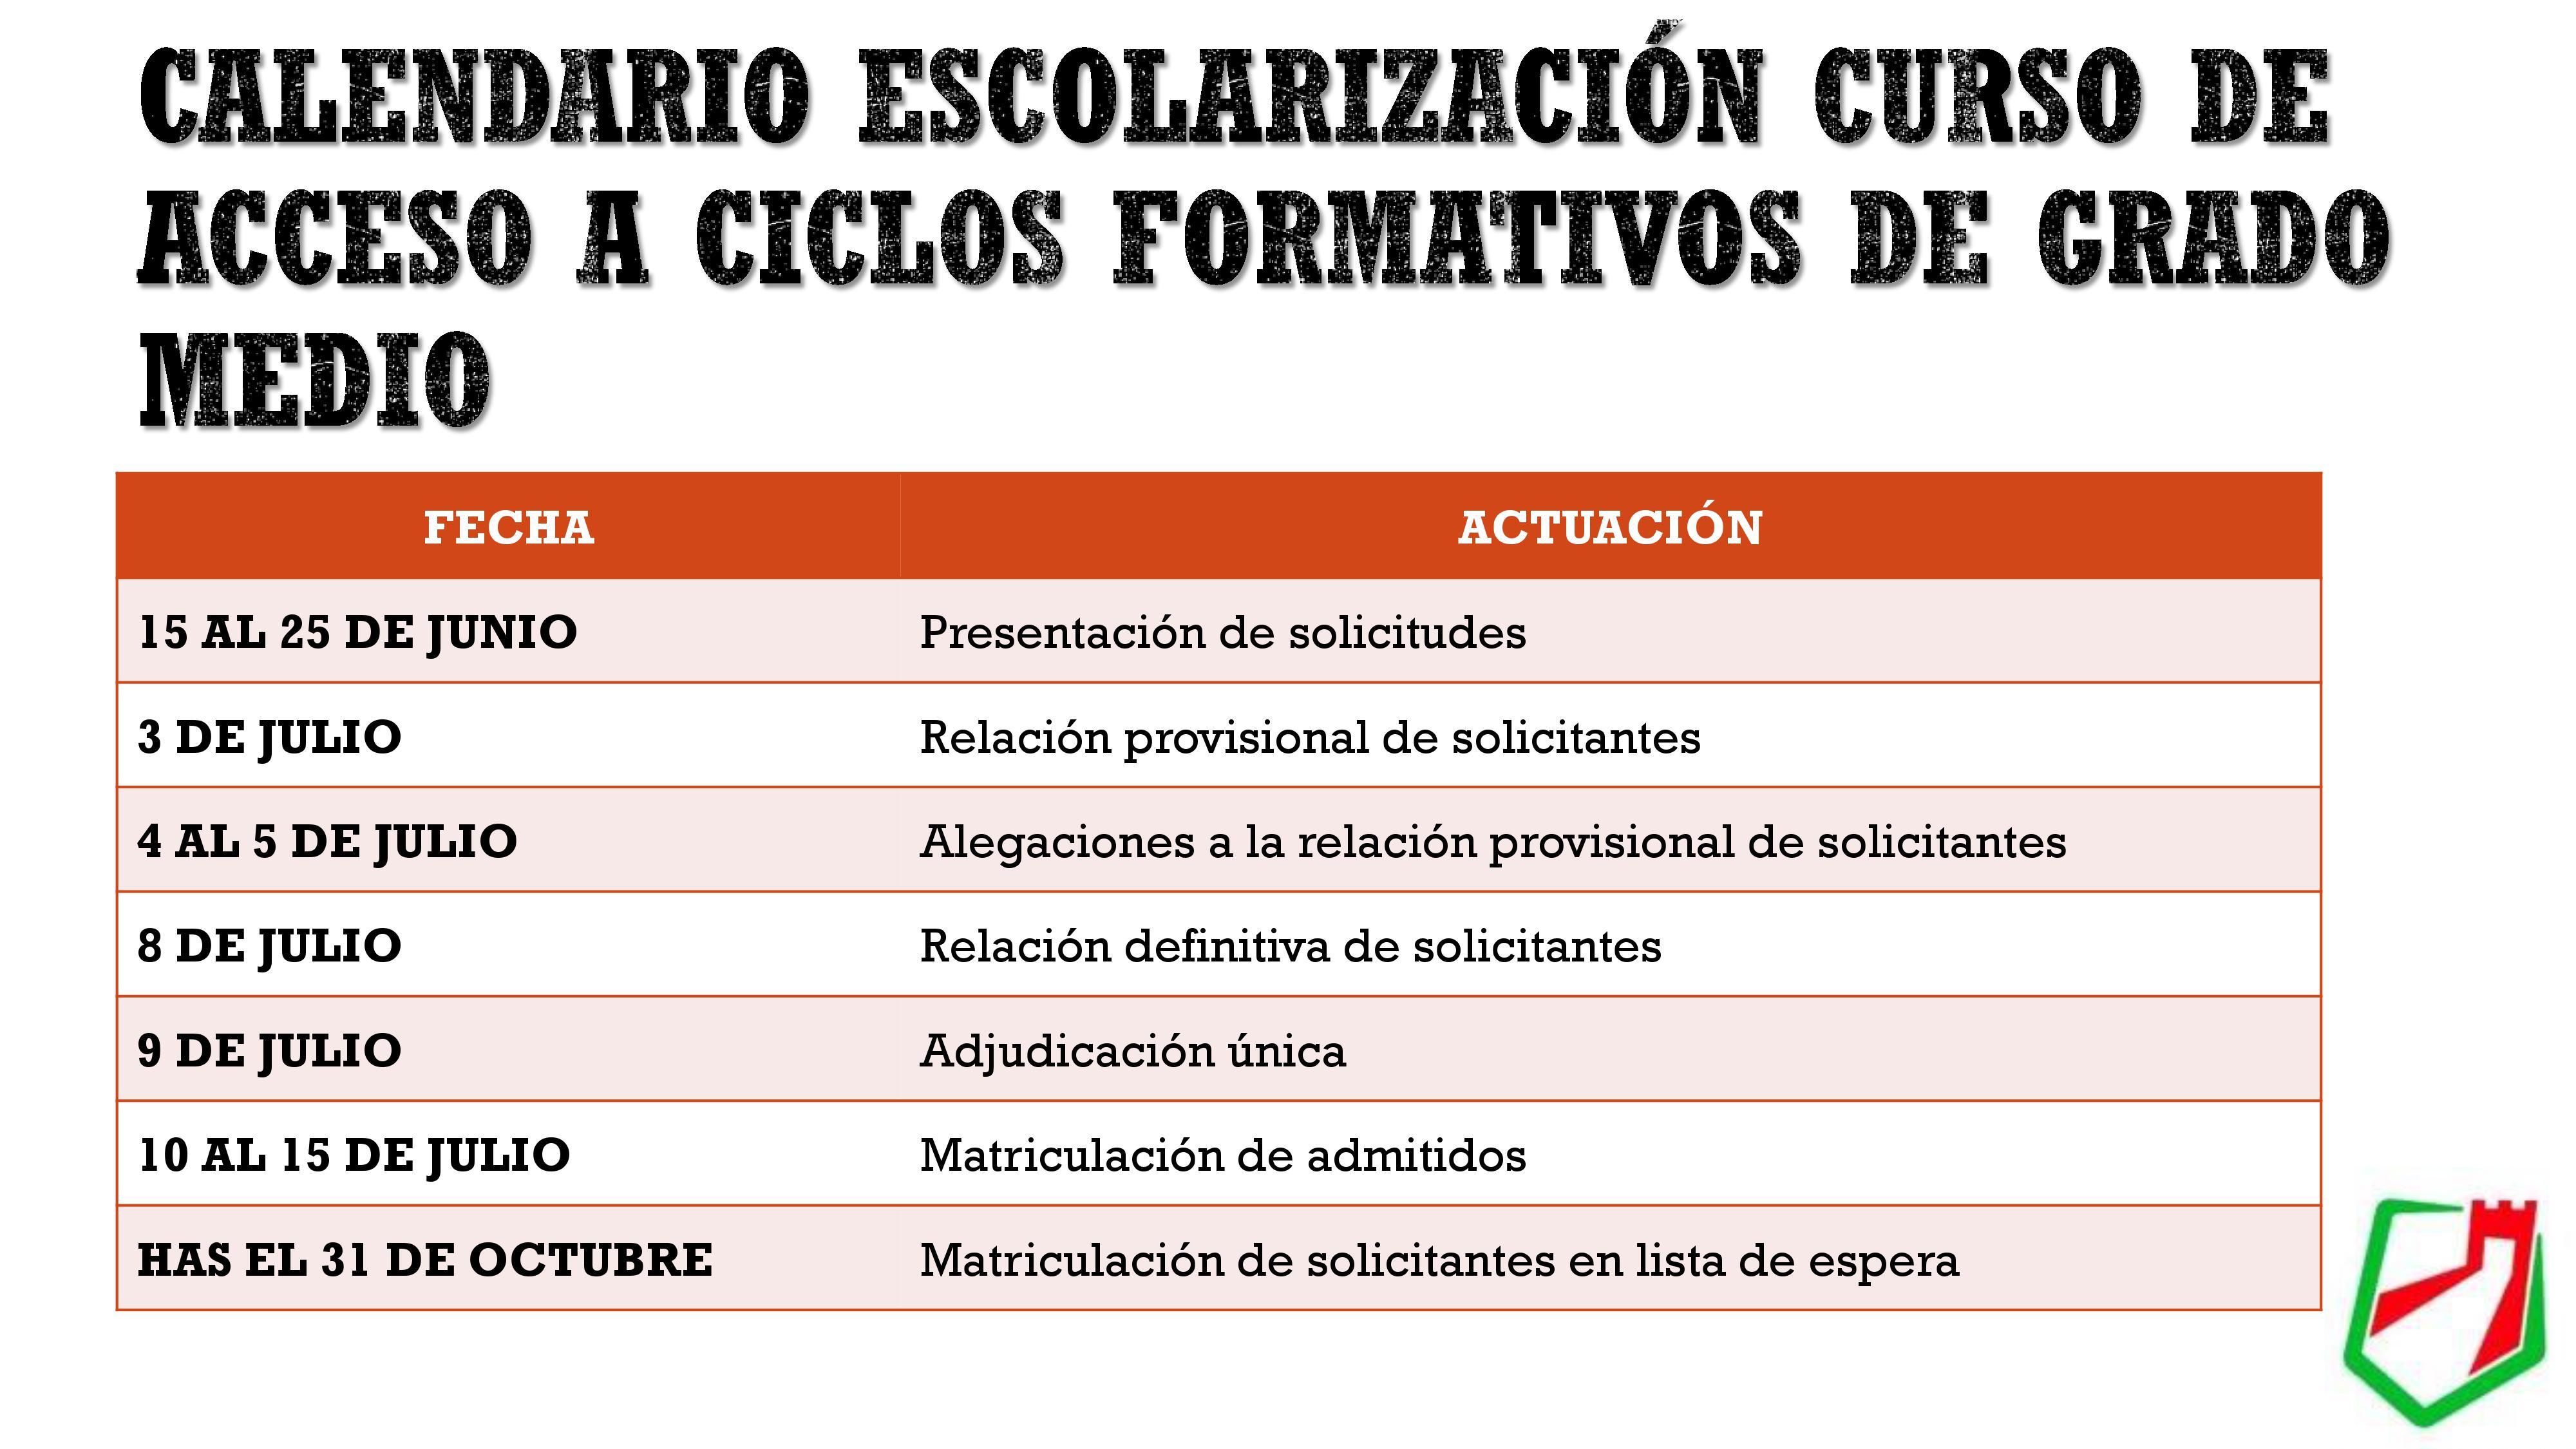 CALENDARIO ESCOLARIZACIÓN EN CICLOS FORMATIVOS 2019 2020